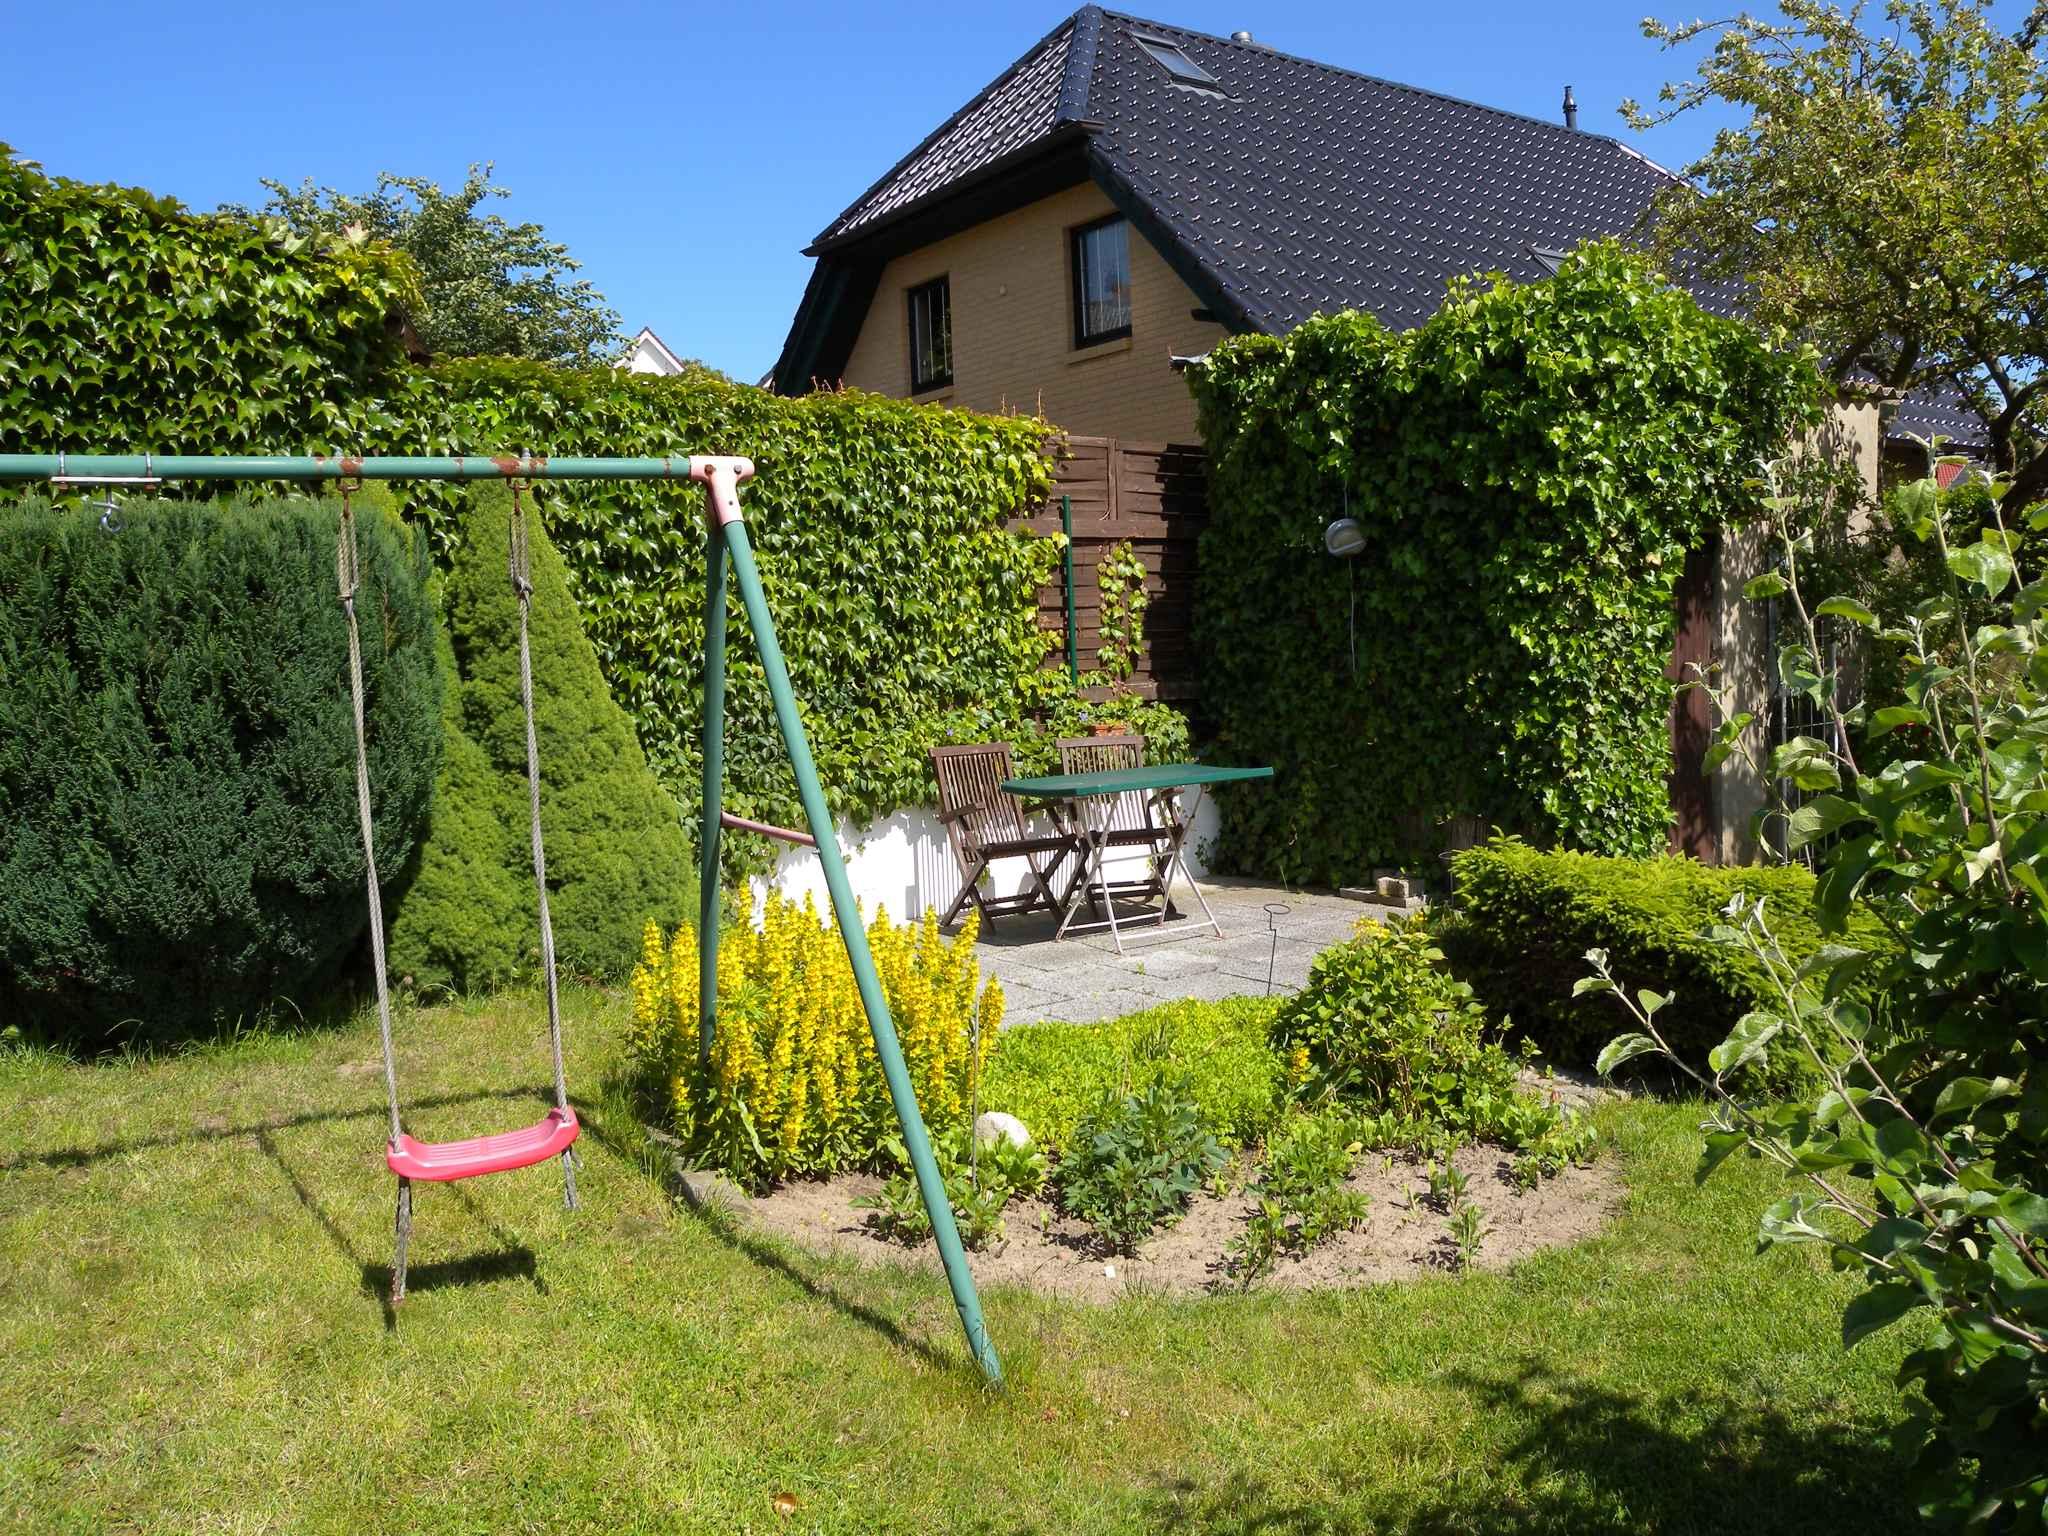 Ferienhaus Bungalow Ferienhaus mit Terrasse und Garten (358672), Bergen (Rügen), Rügen, Mecklenburg-Vorpommern, Deutschland, Bild 8